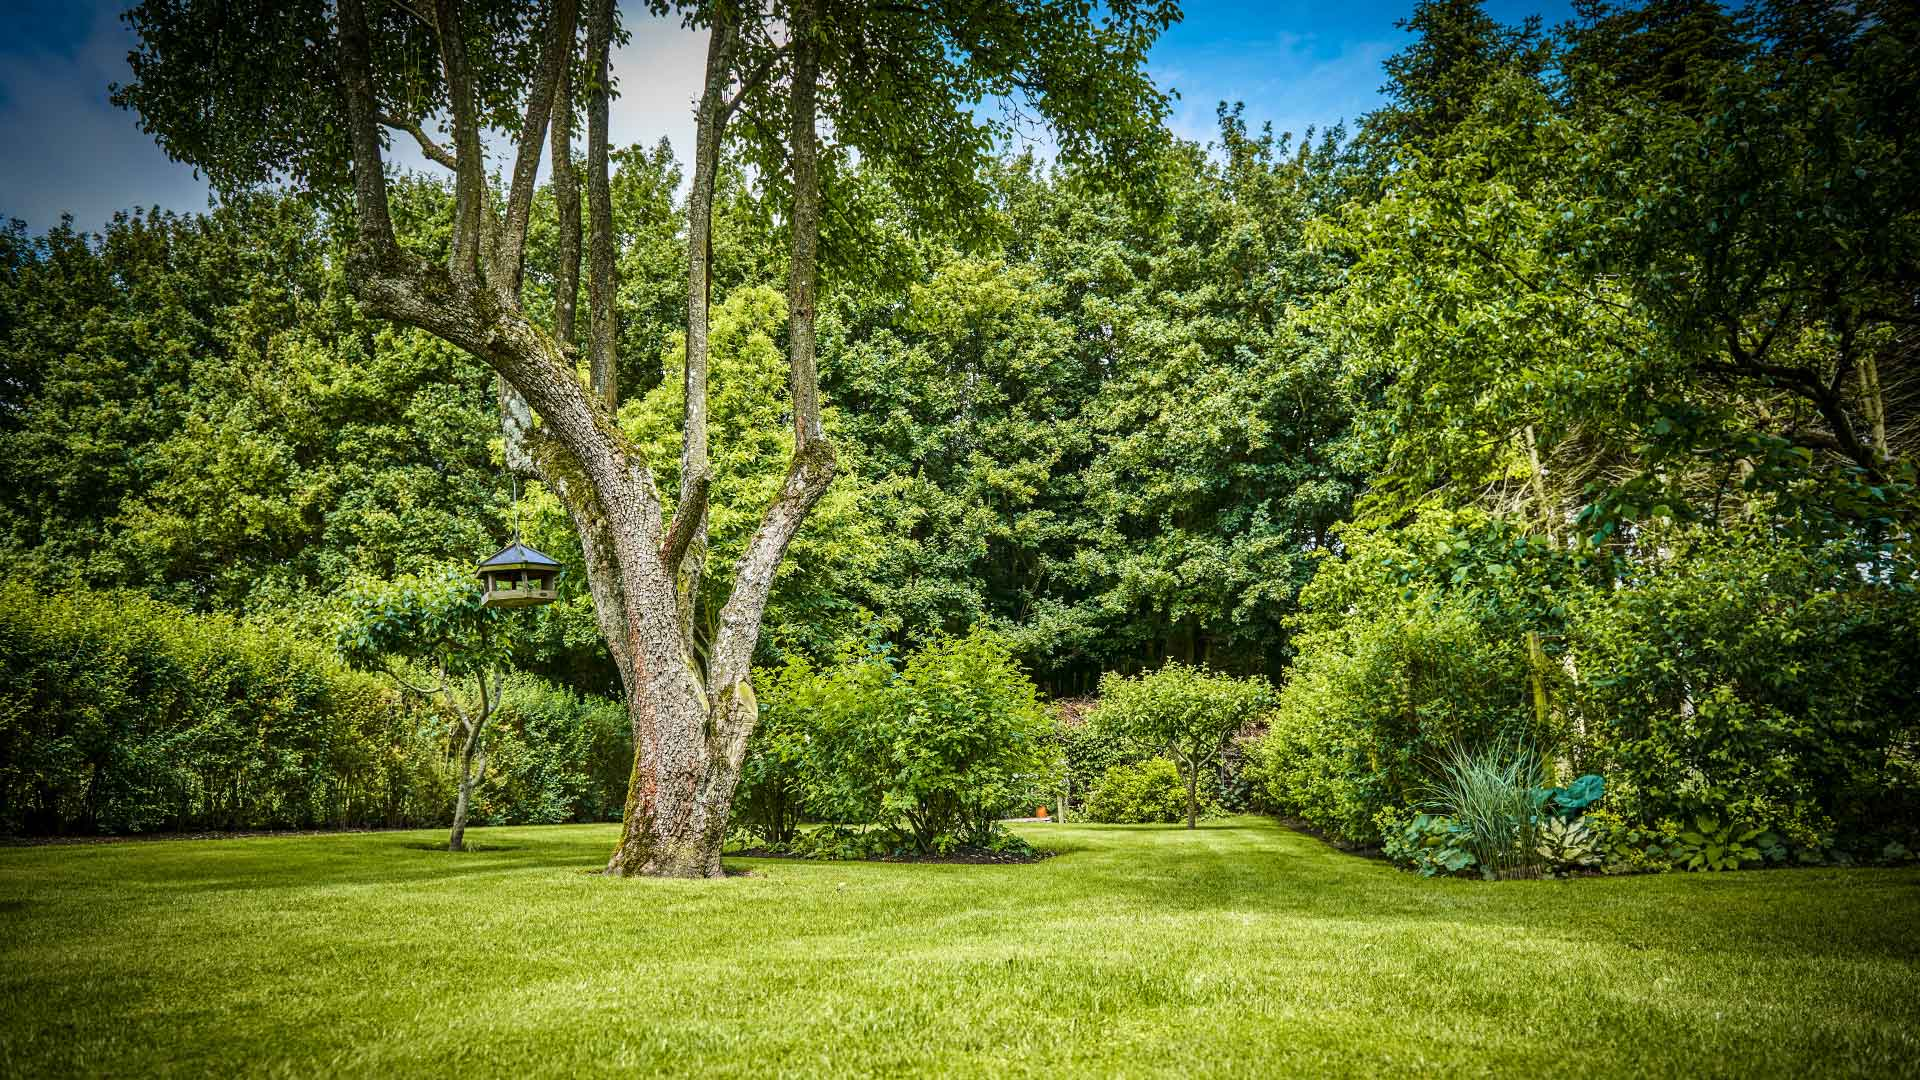 Garten mit Rollrasen und Bäumen